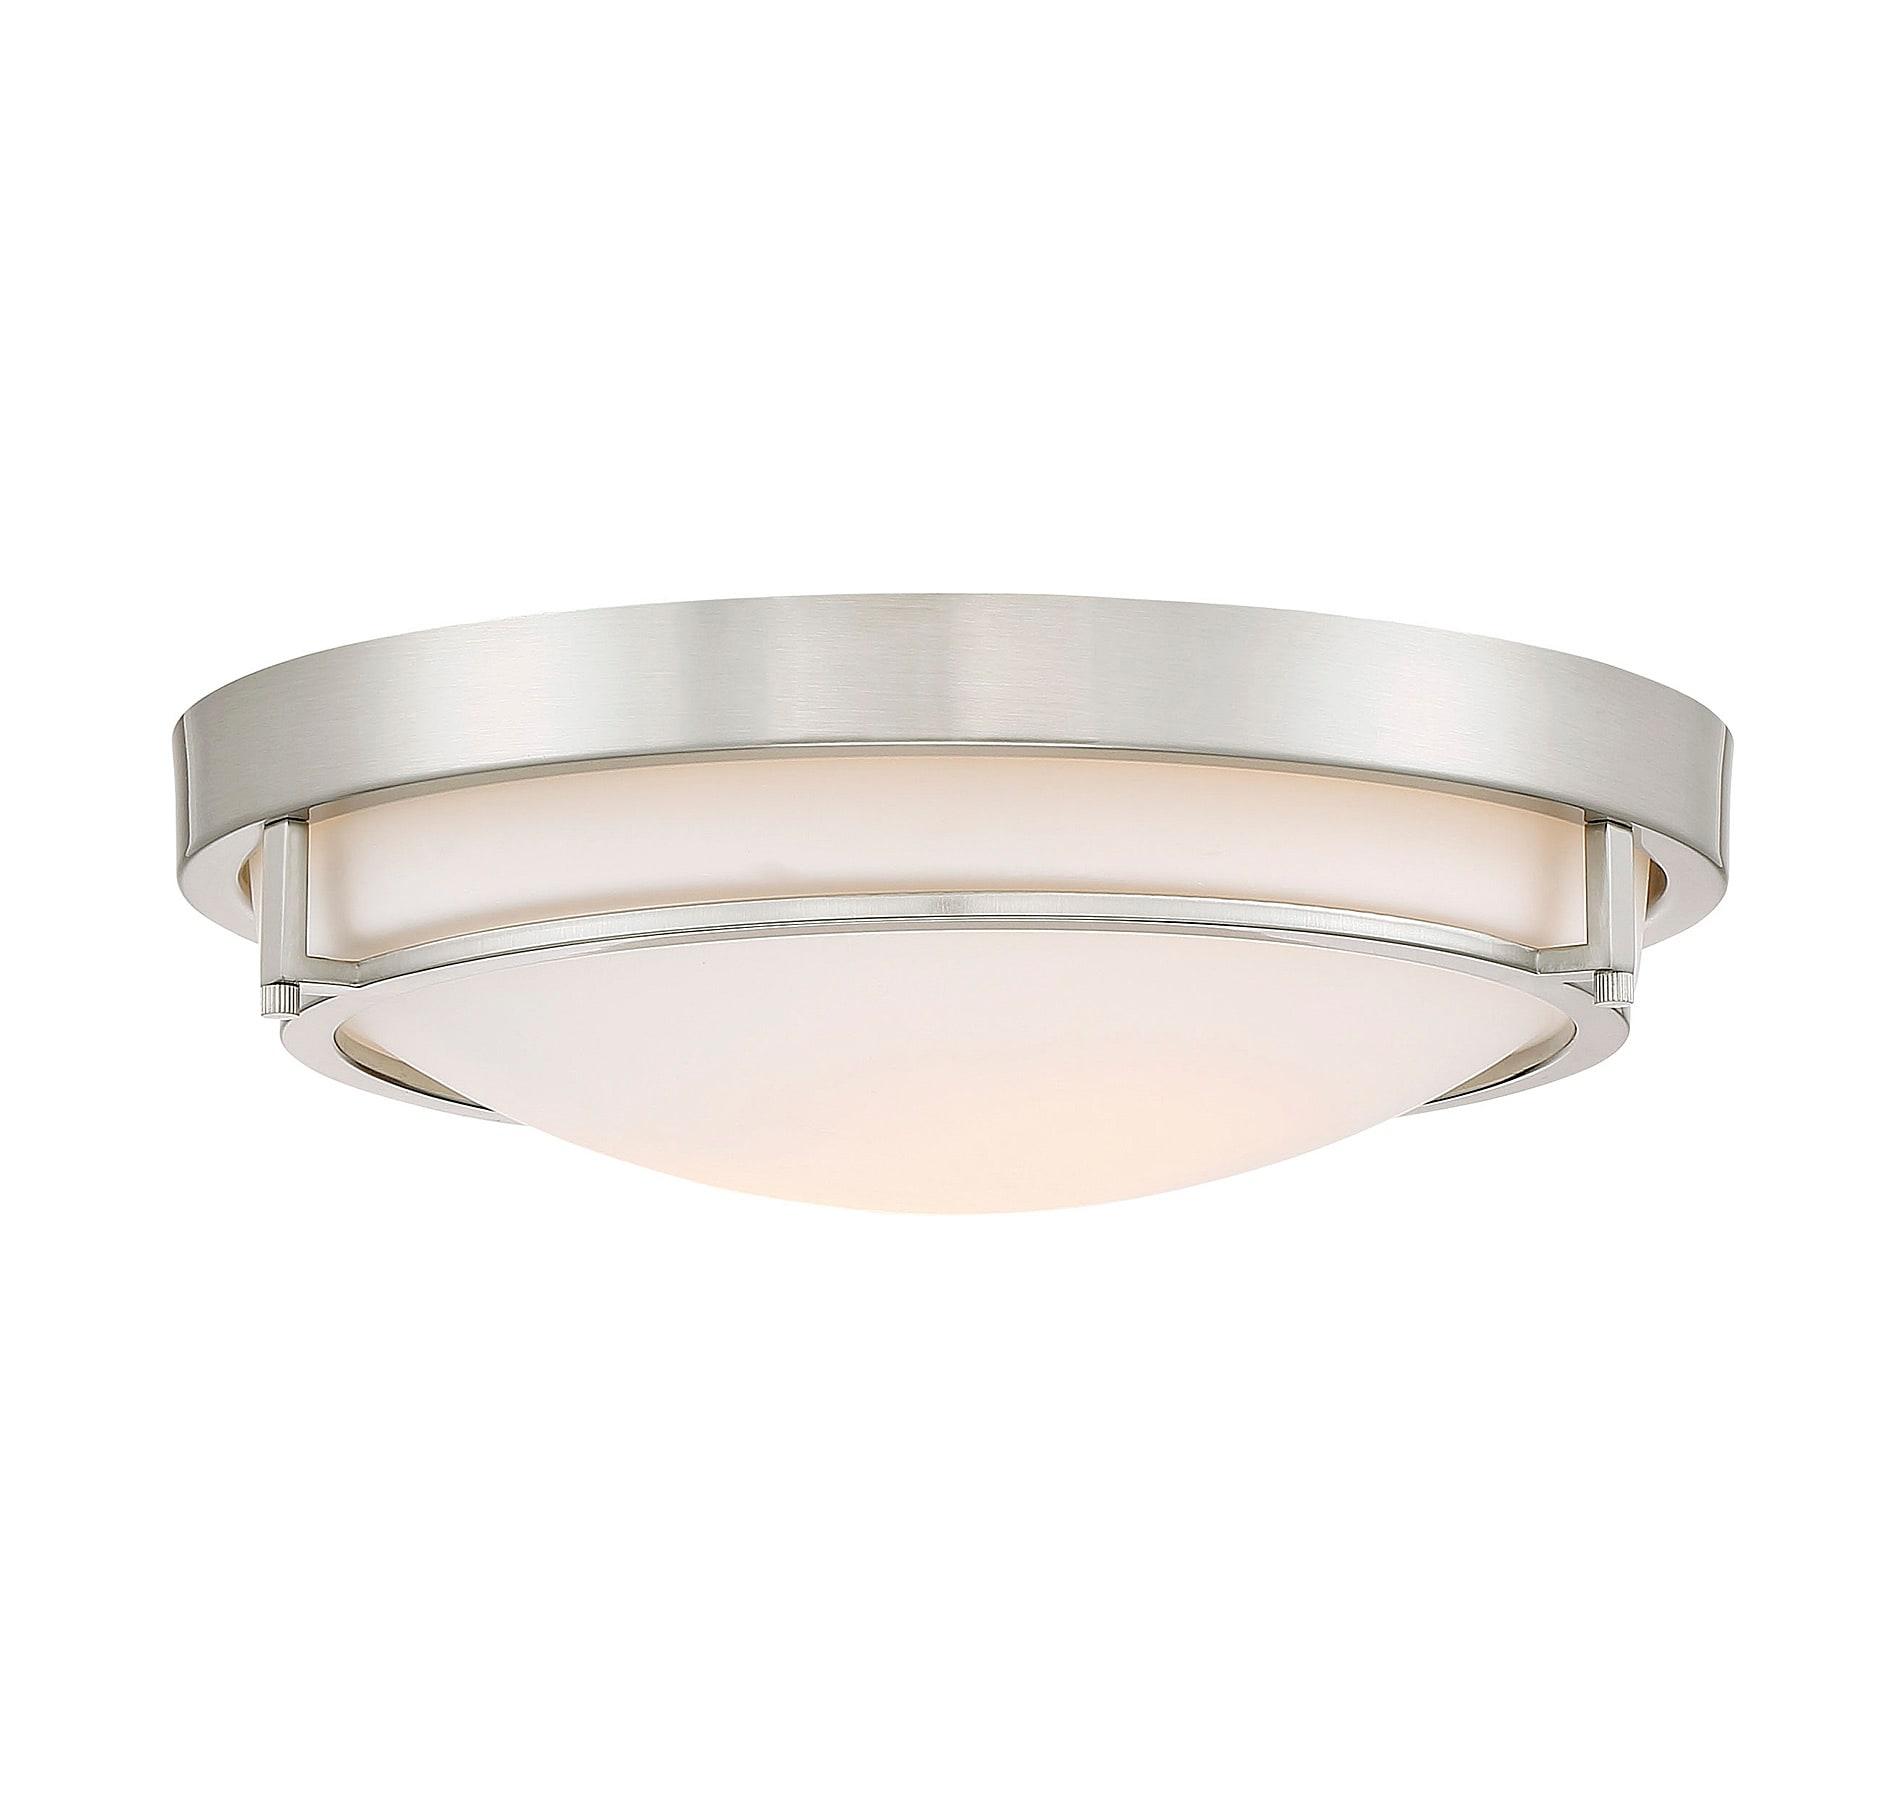 Bellevue Sh60019bn Brushed Nickel 2 Light 13 Wide Flush Mount Bowl Ceiling Fixture Lightingdirect Com